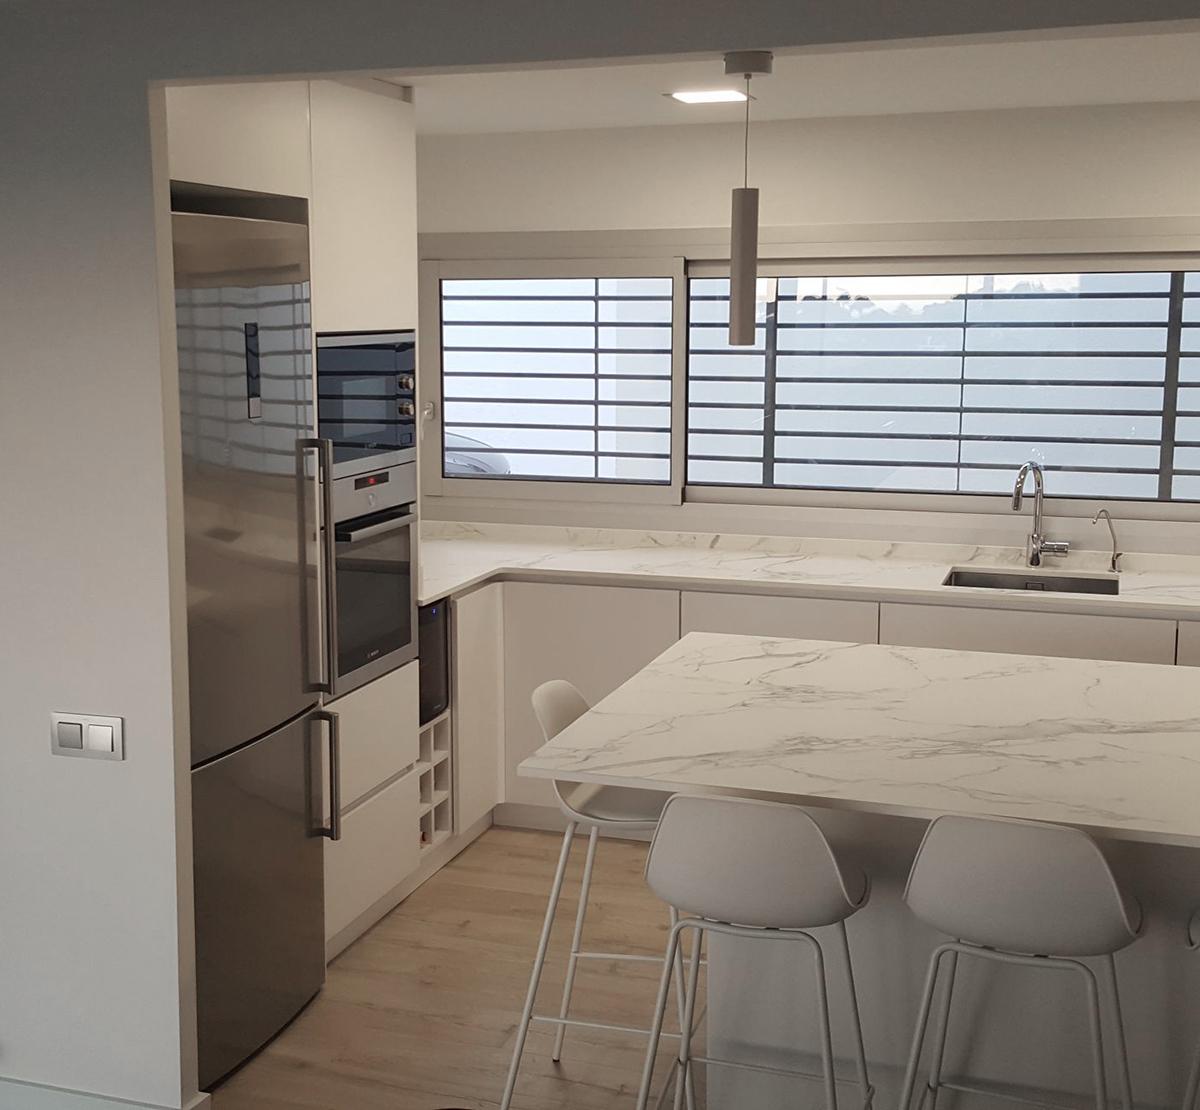 Muebles bajos para cocina a medida con acabado fórmica | MB Concept